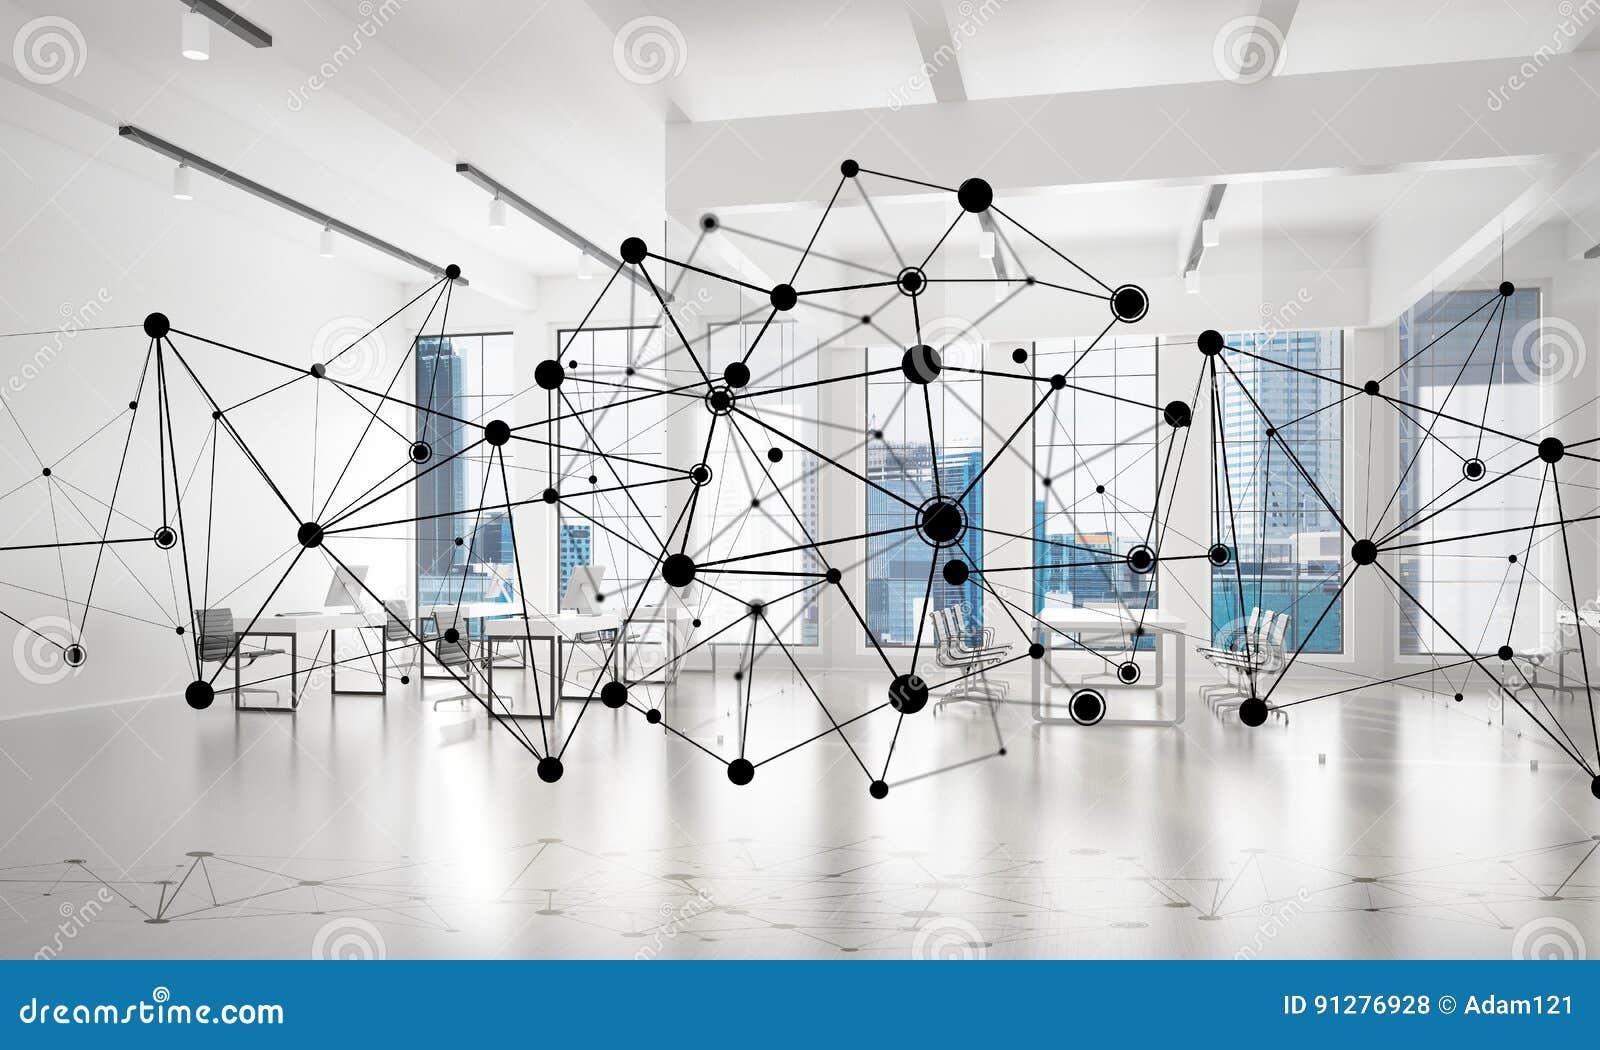 Nätverkande och radioanslutning som begreppet för effektiv modern affär